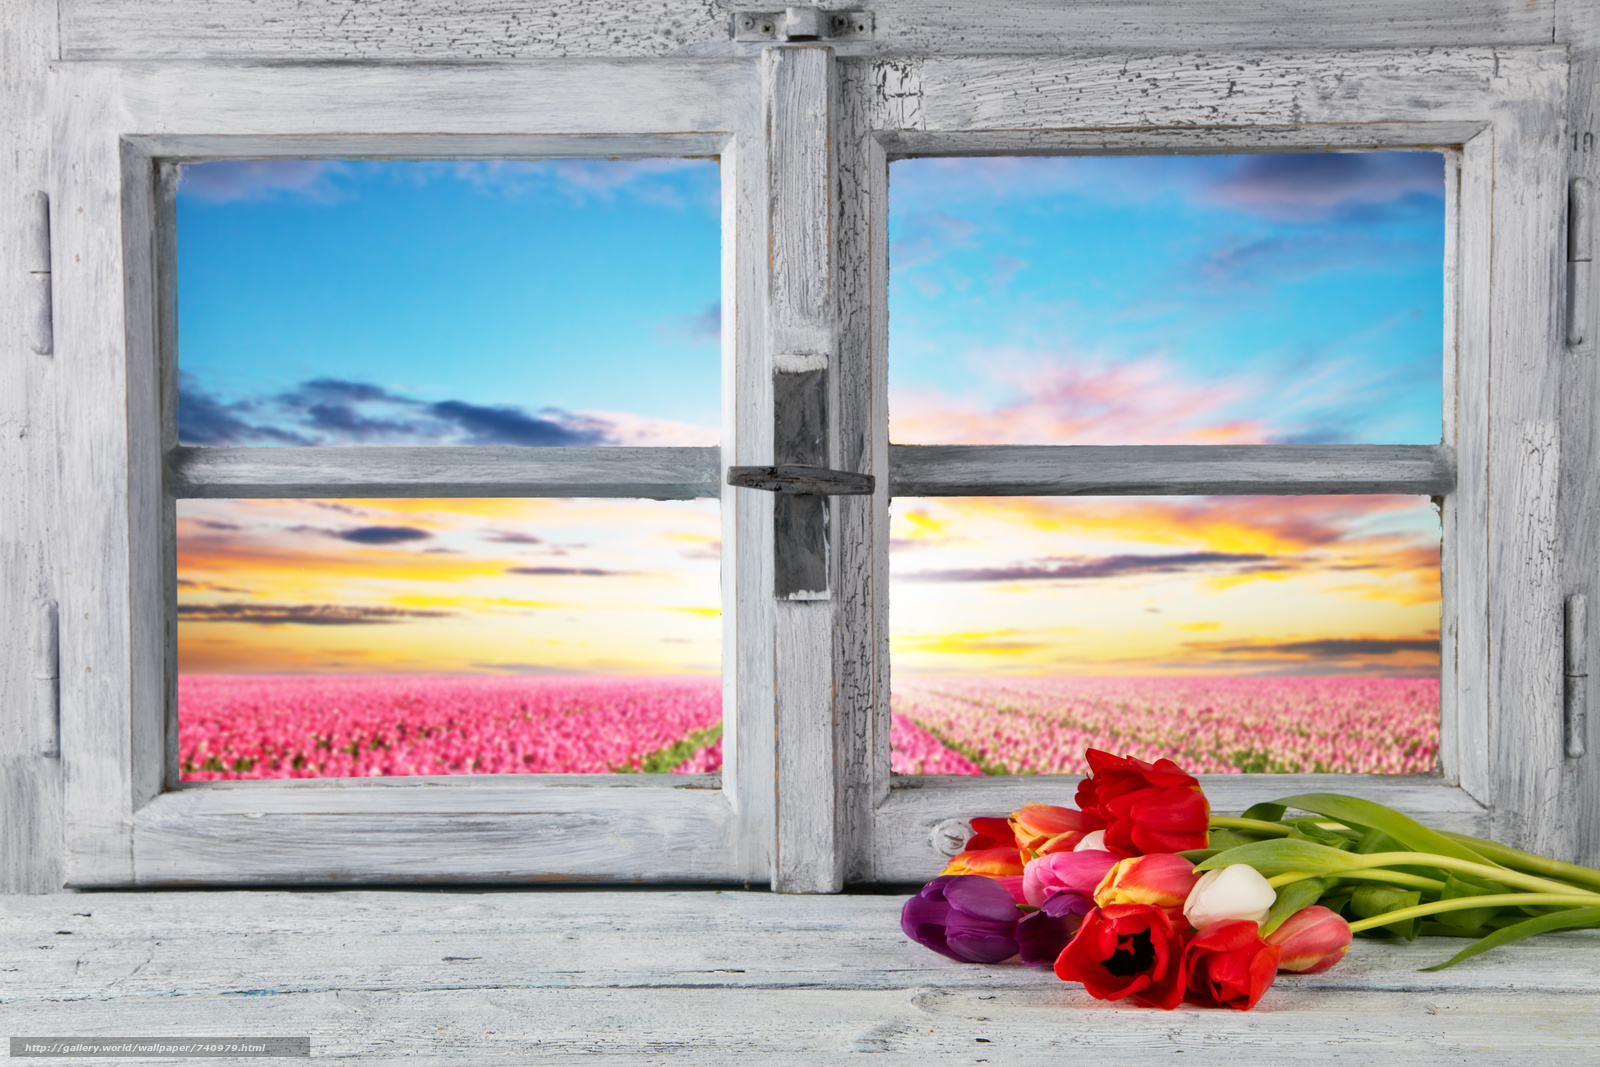 весна, окно, рама, Пасха, тюльпаны